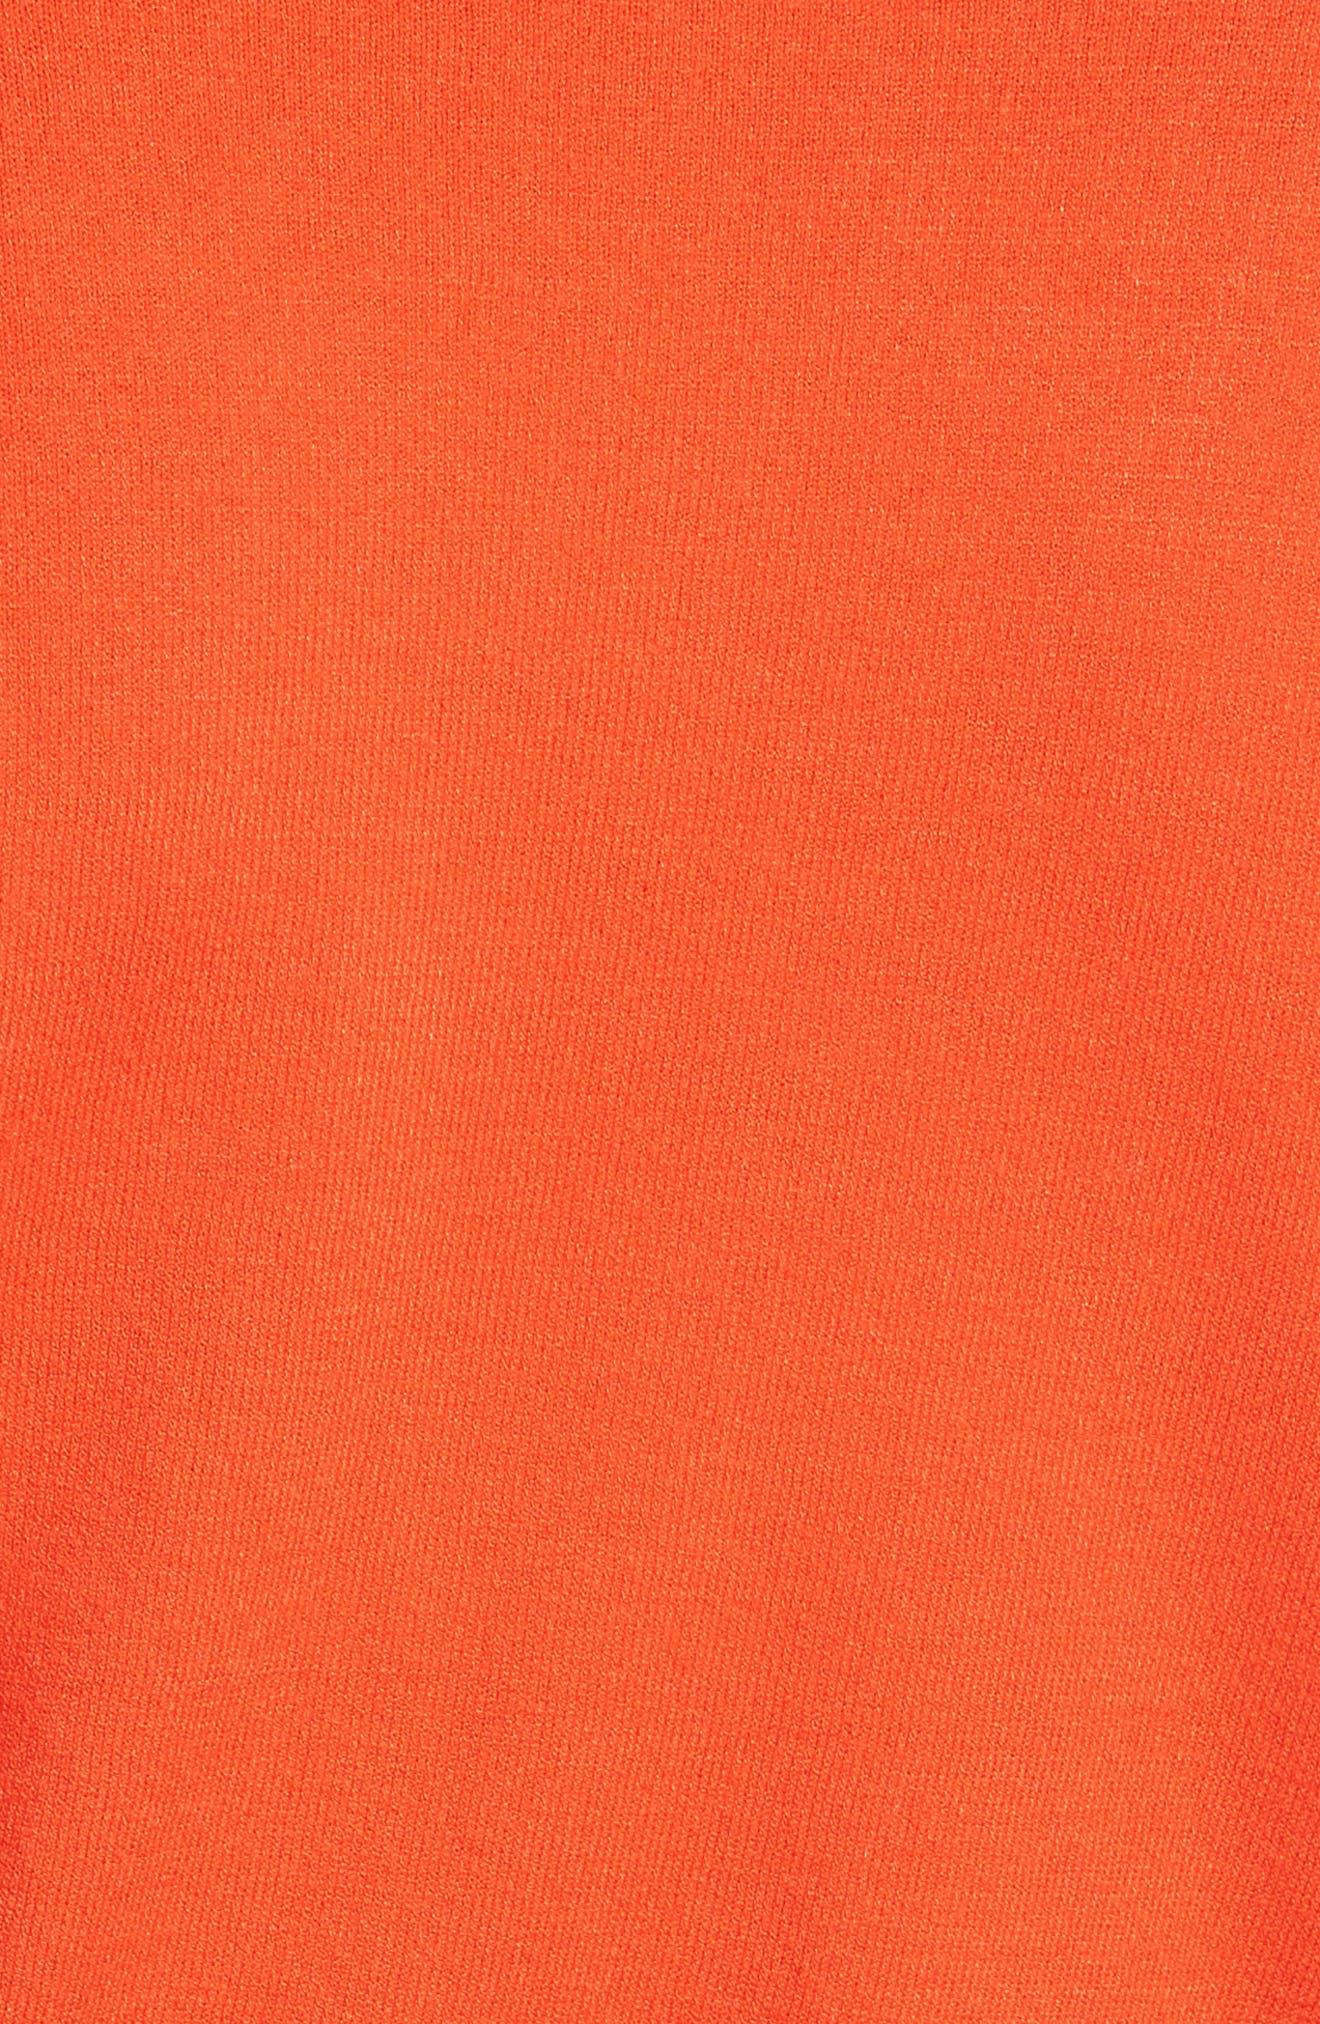 Bell Sleeve V-Neck Sweater,                             Alternate thumbnail 20, color,